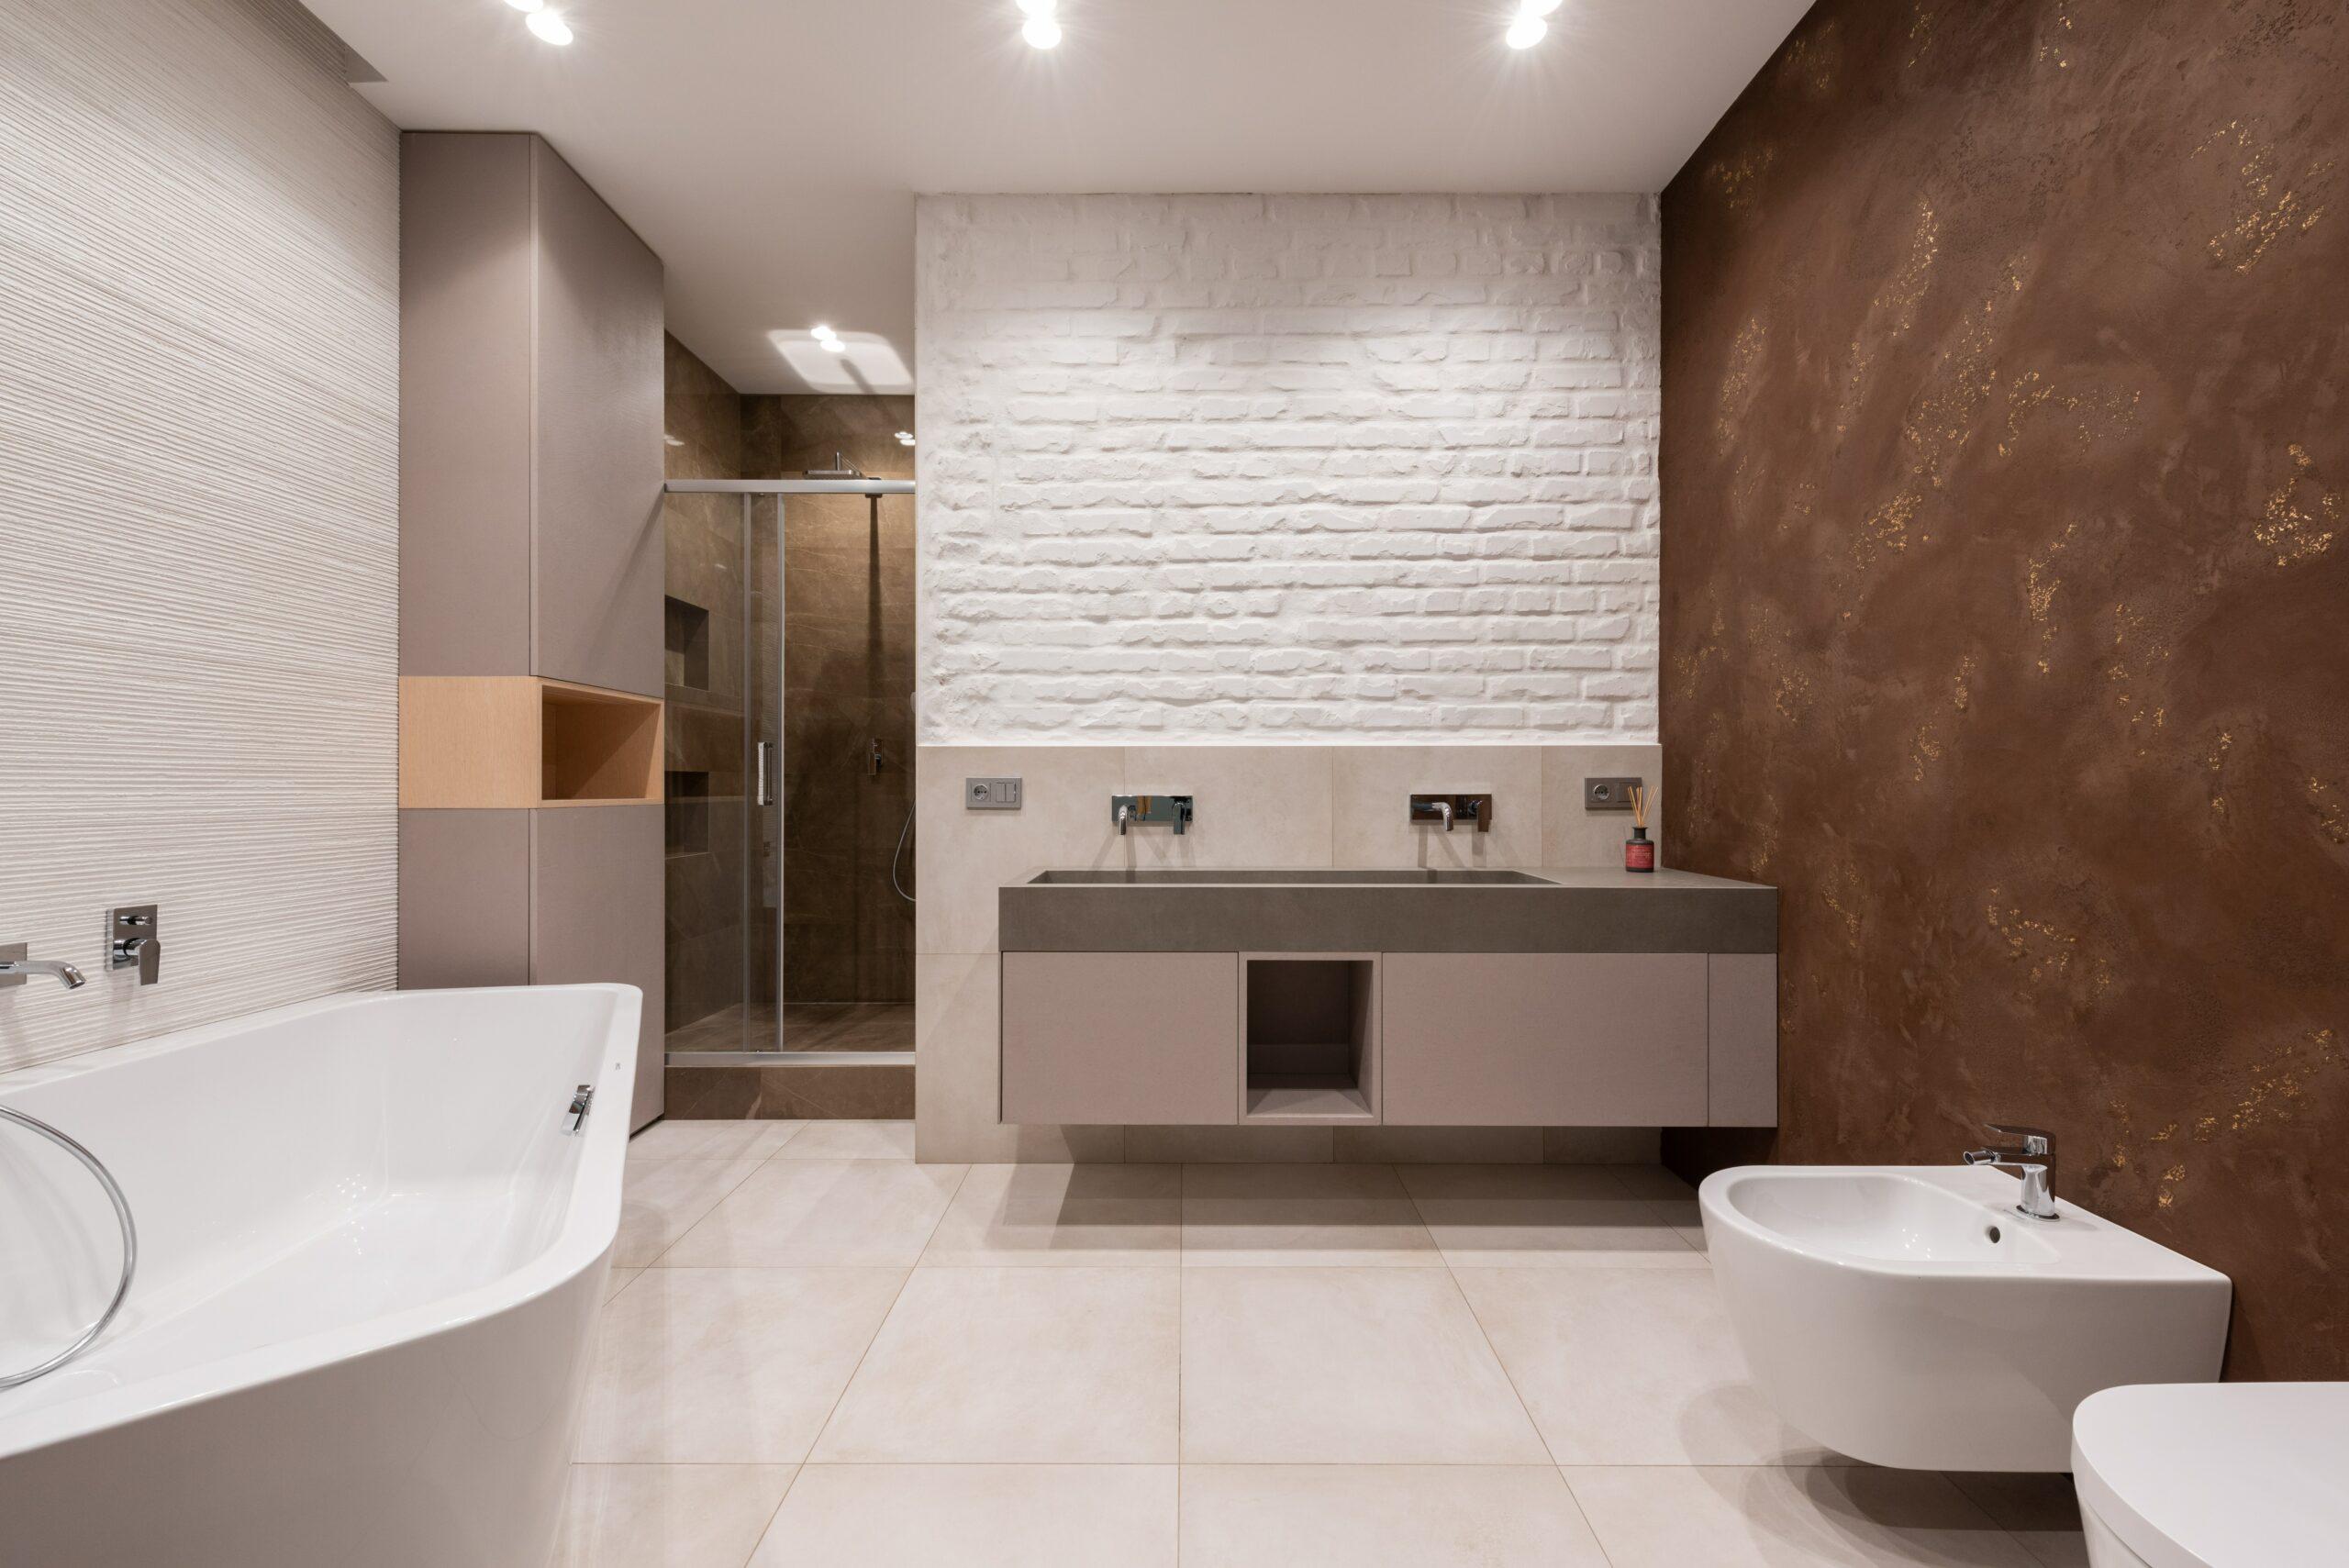 Wat kost een badkamer verbouwen